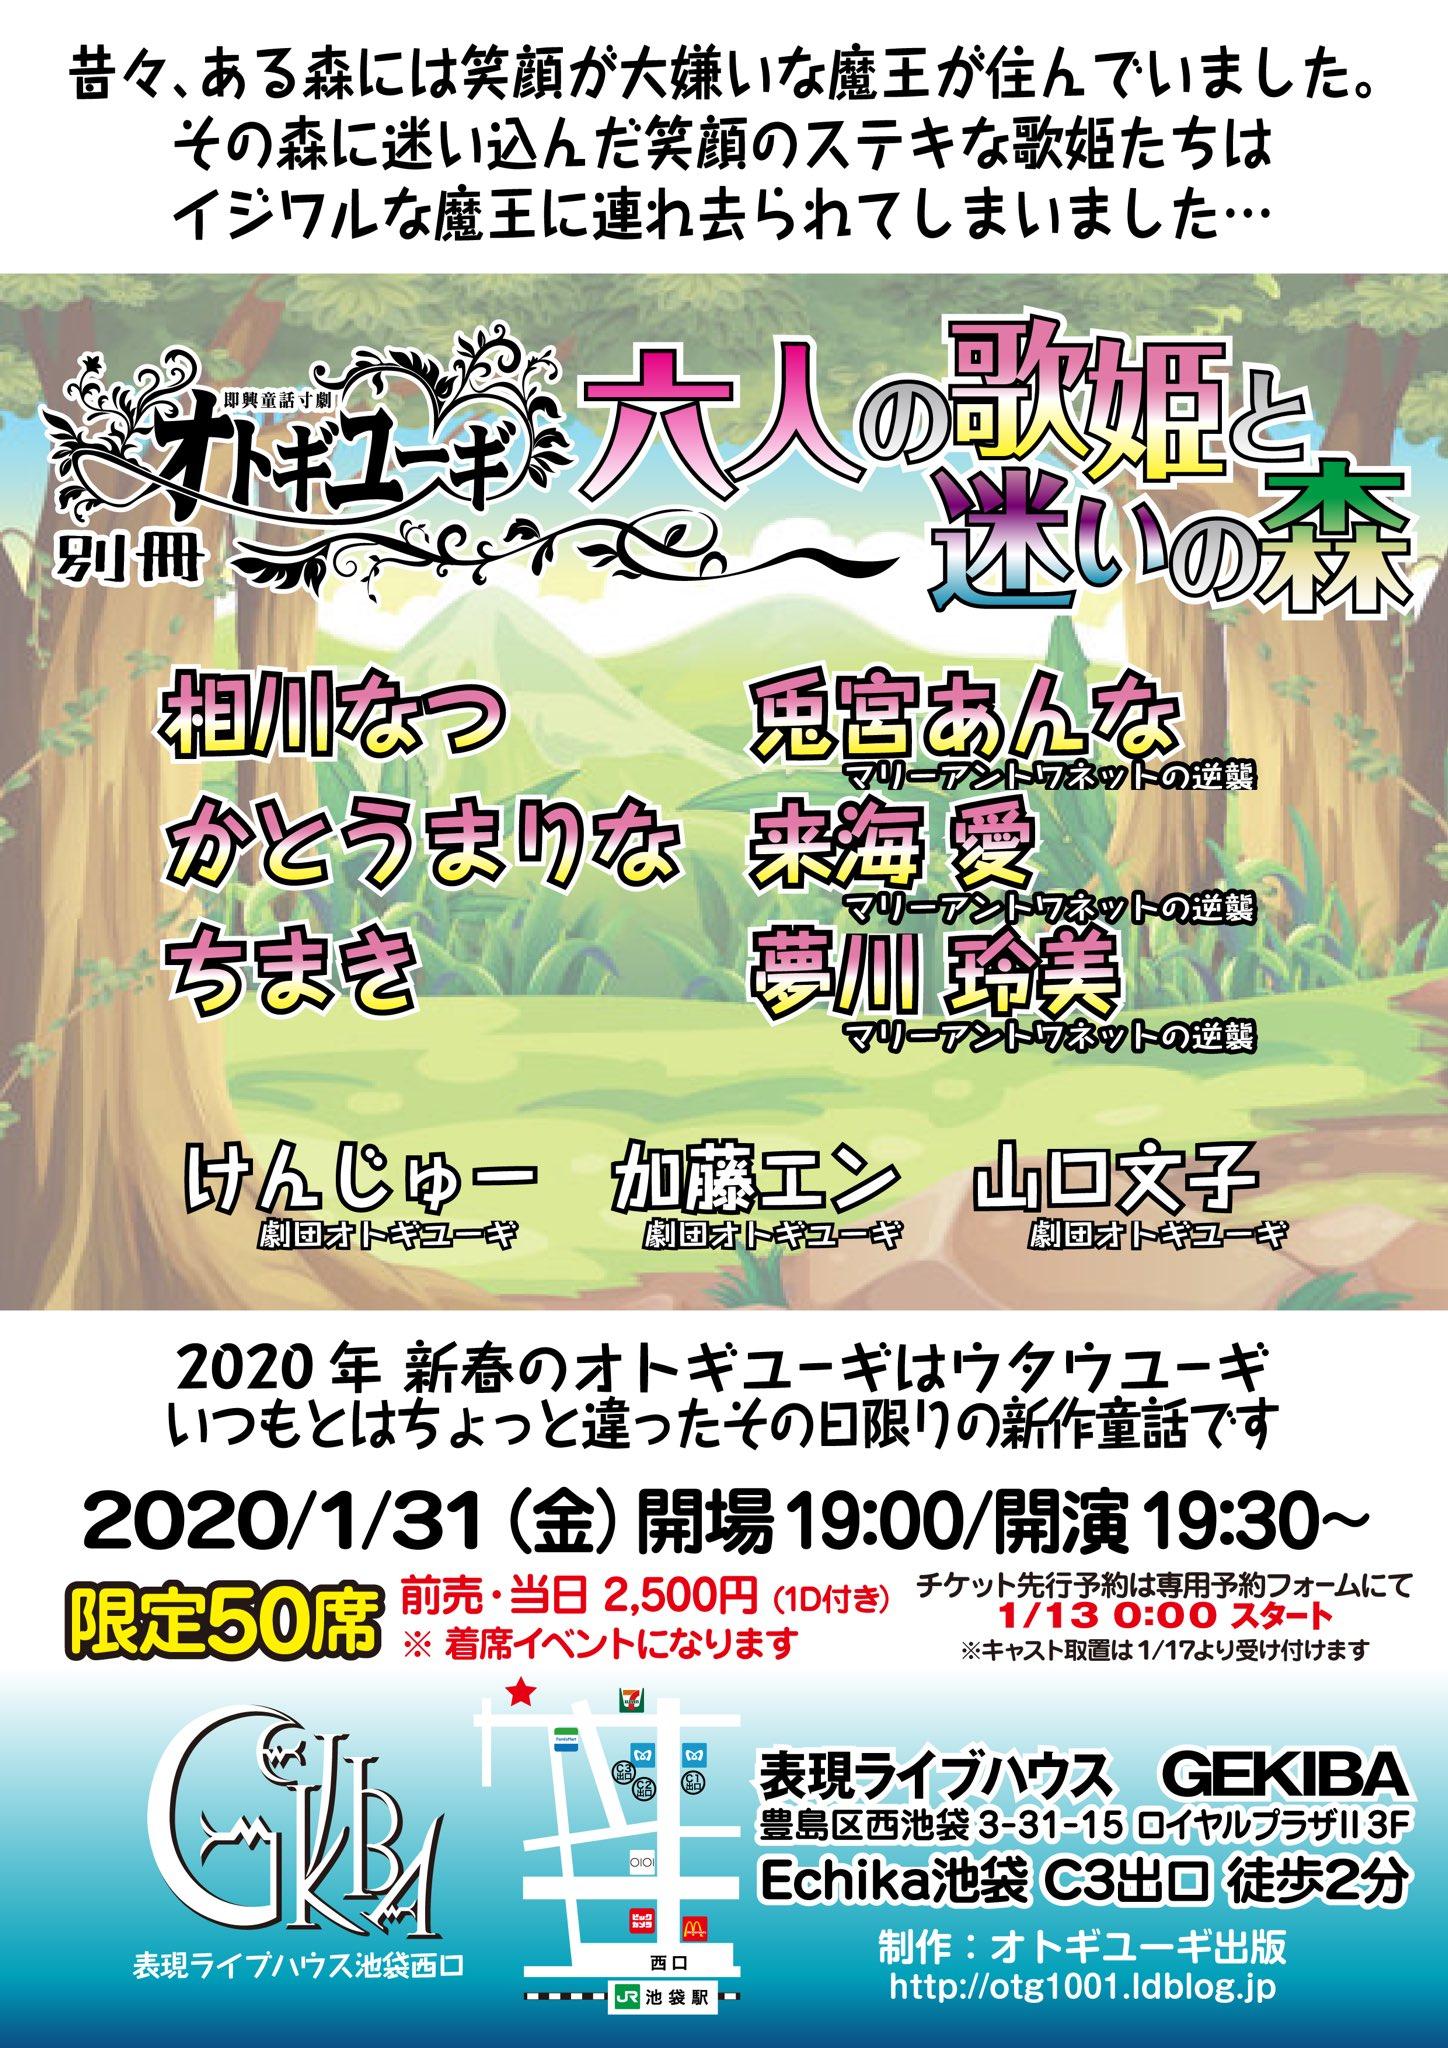 別冊オトギユーギ~六人の歌姫と迷いの森~